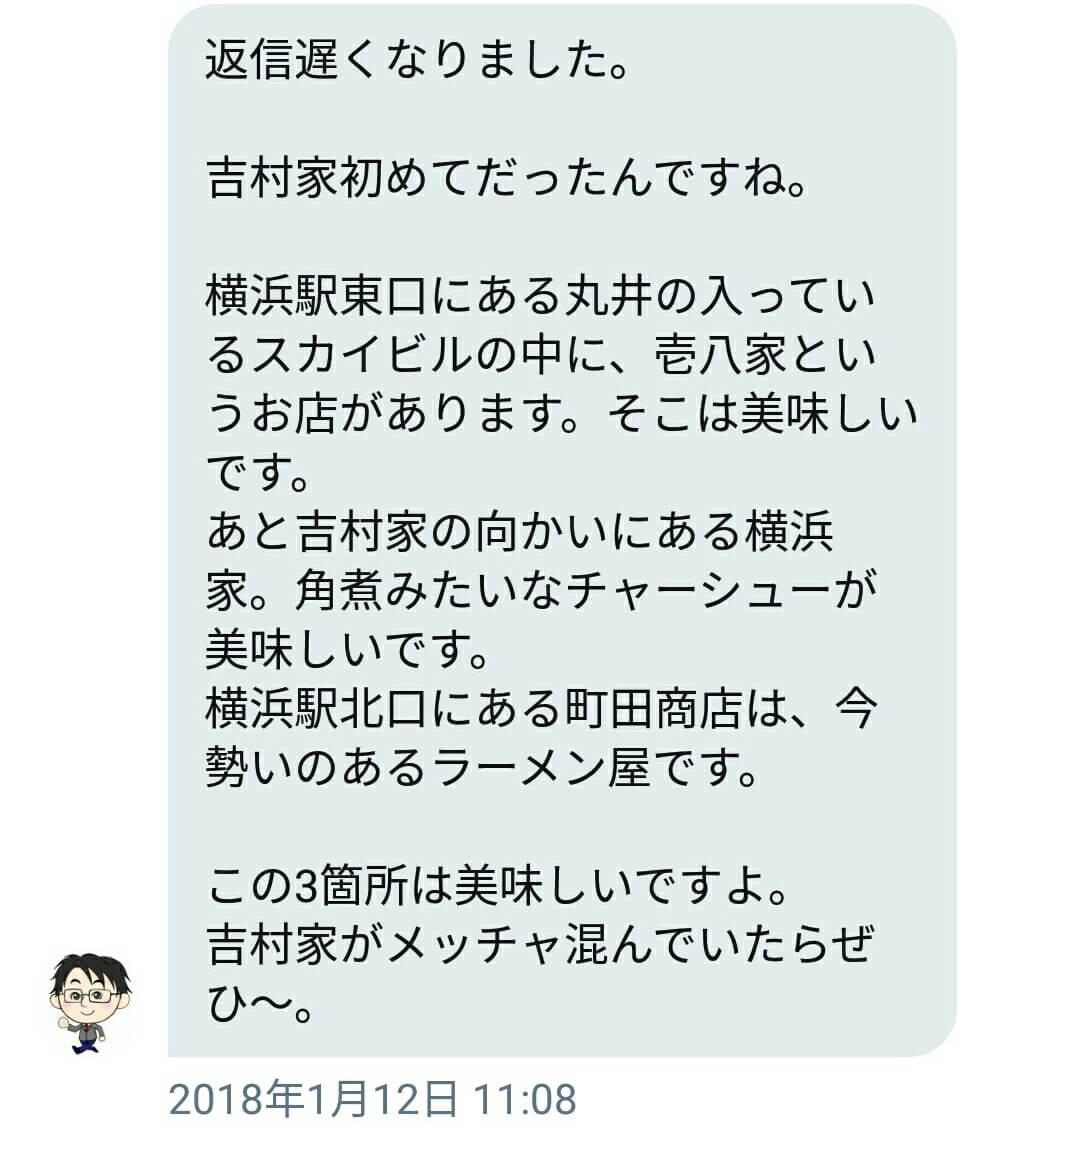 町田商店横浜メガネさんコメント